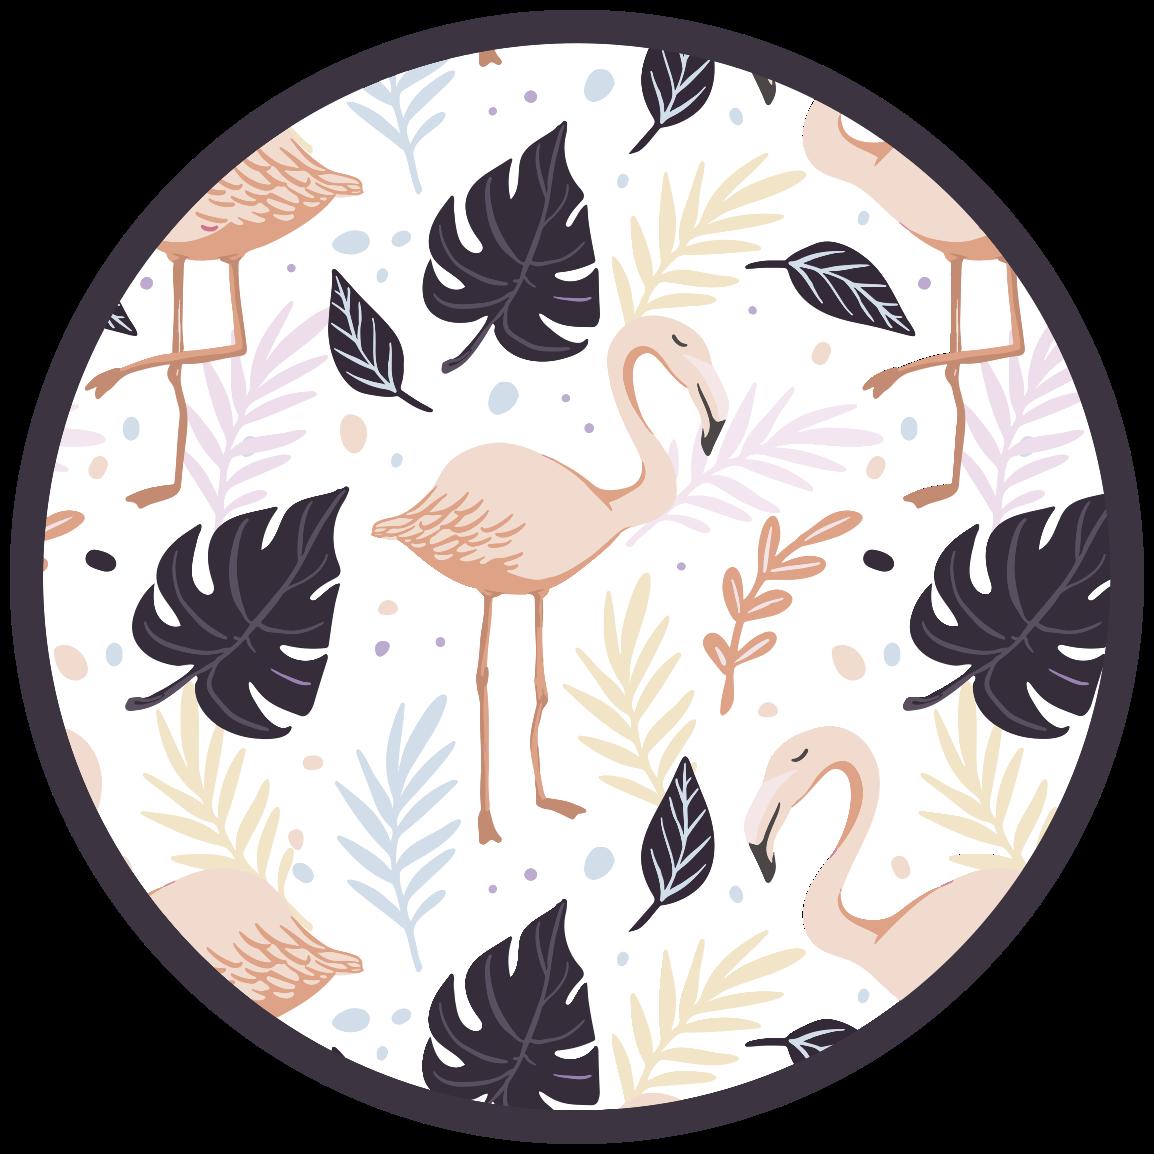 TenVinilo. Alfombra vinilo animales pájaros y palmeras. Bonita alfombra vinilo animales con estampados de animales perfecta para poner en la cocina o incluso en el baño ¡Envío exprés!